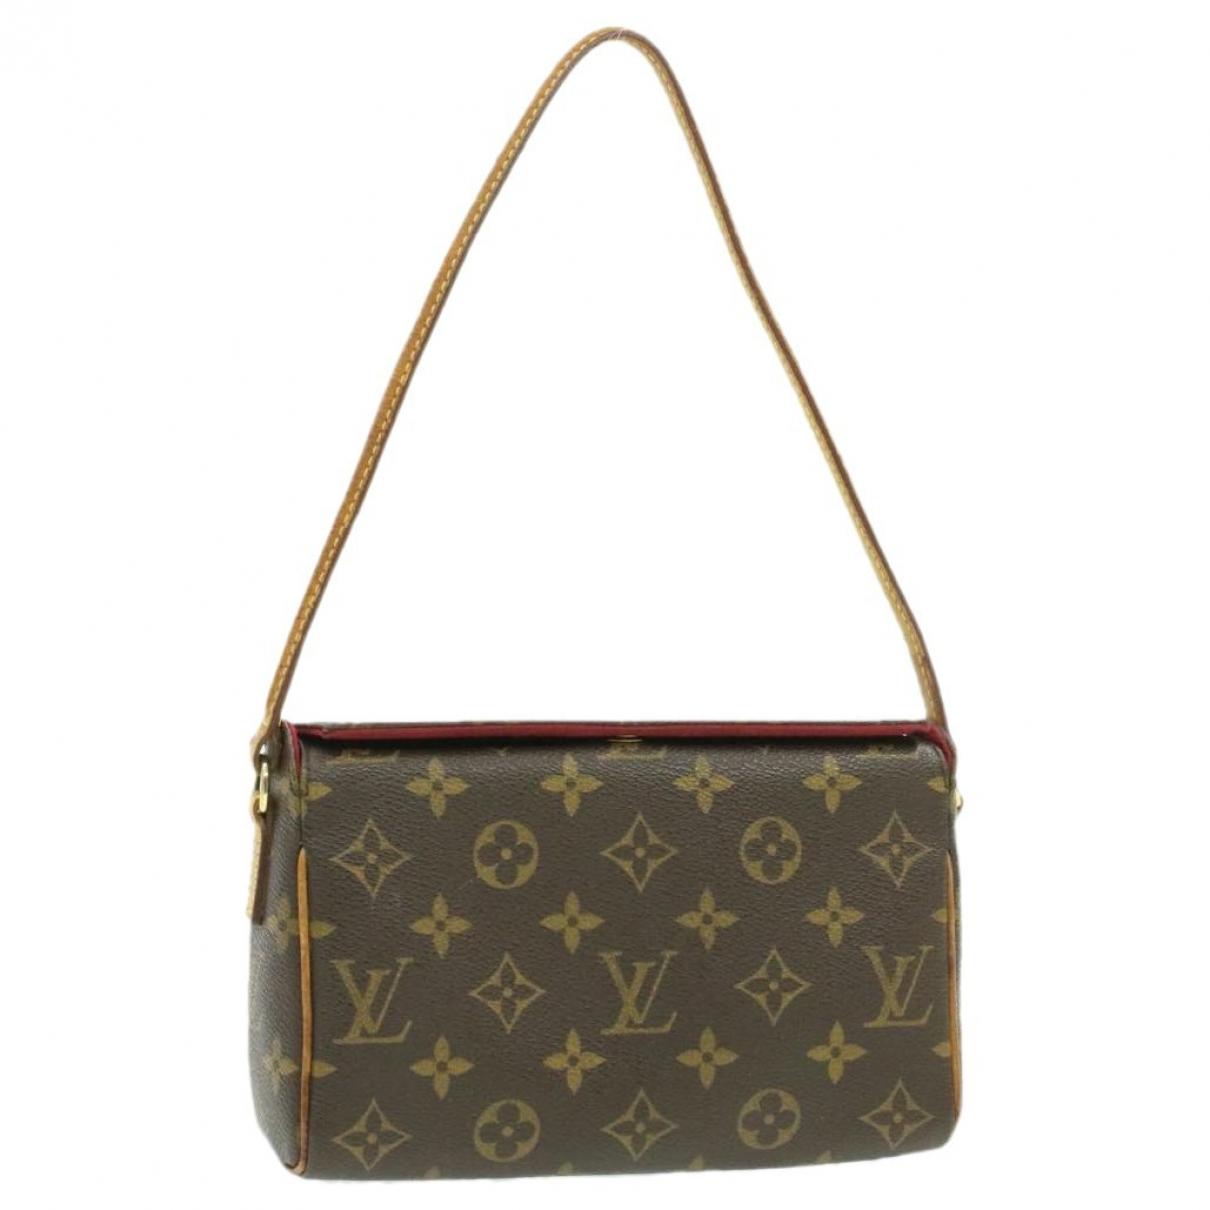 Louis Vuitton - Sac a main Recital pour femme en toile - marron